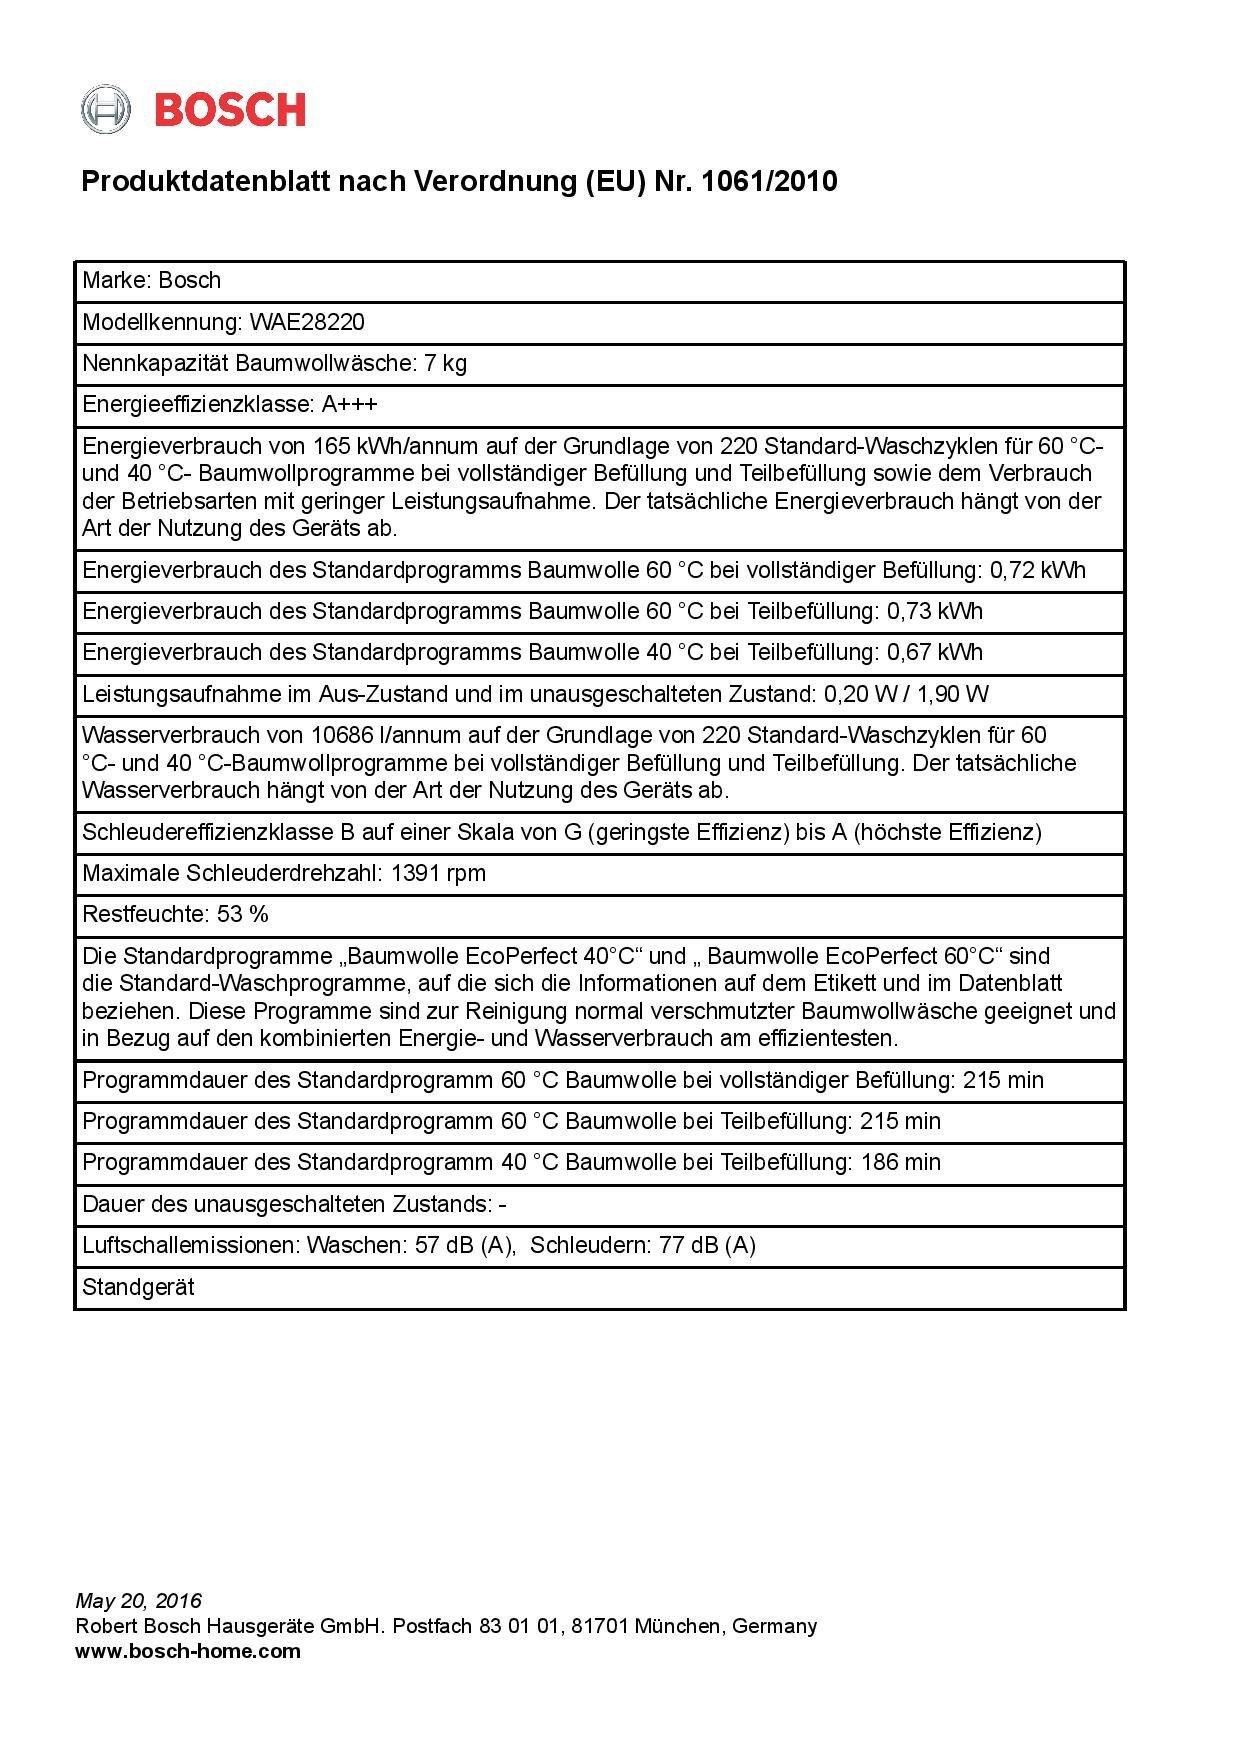 Bosch-WAE28220-Frontlader-Waschmaschine-A-7kg-1391-UpM-AquaStop-Schlauch